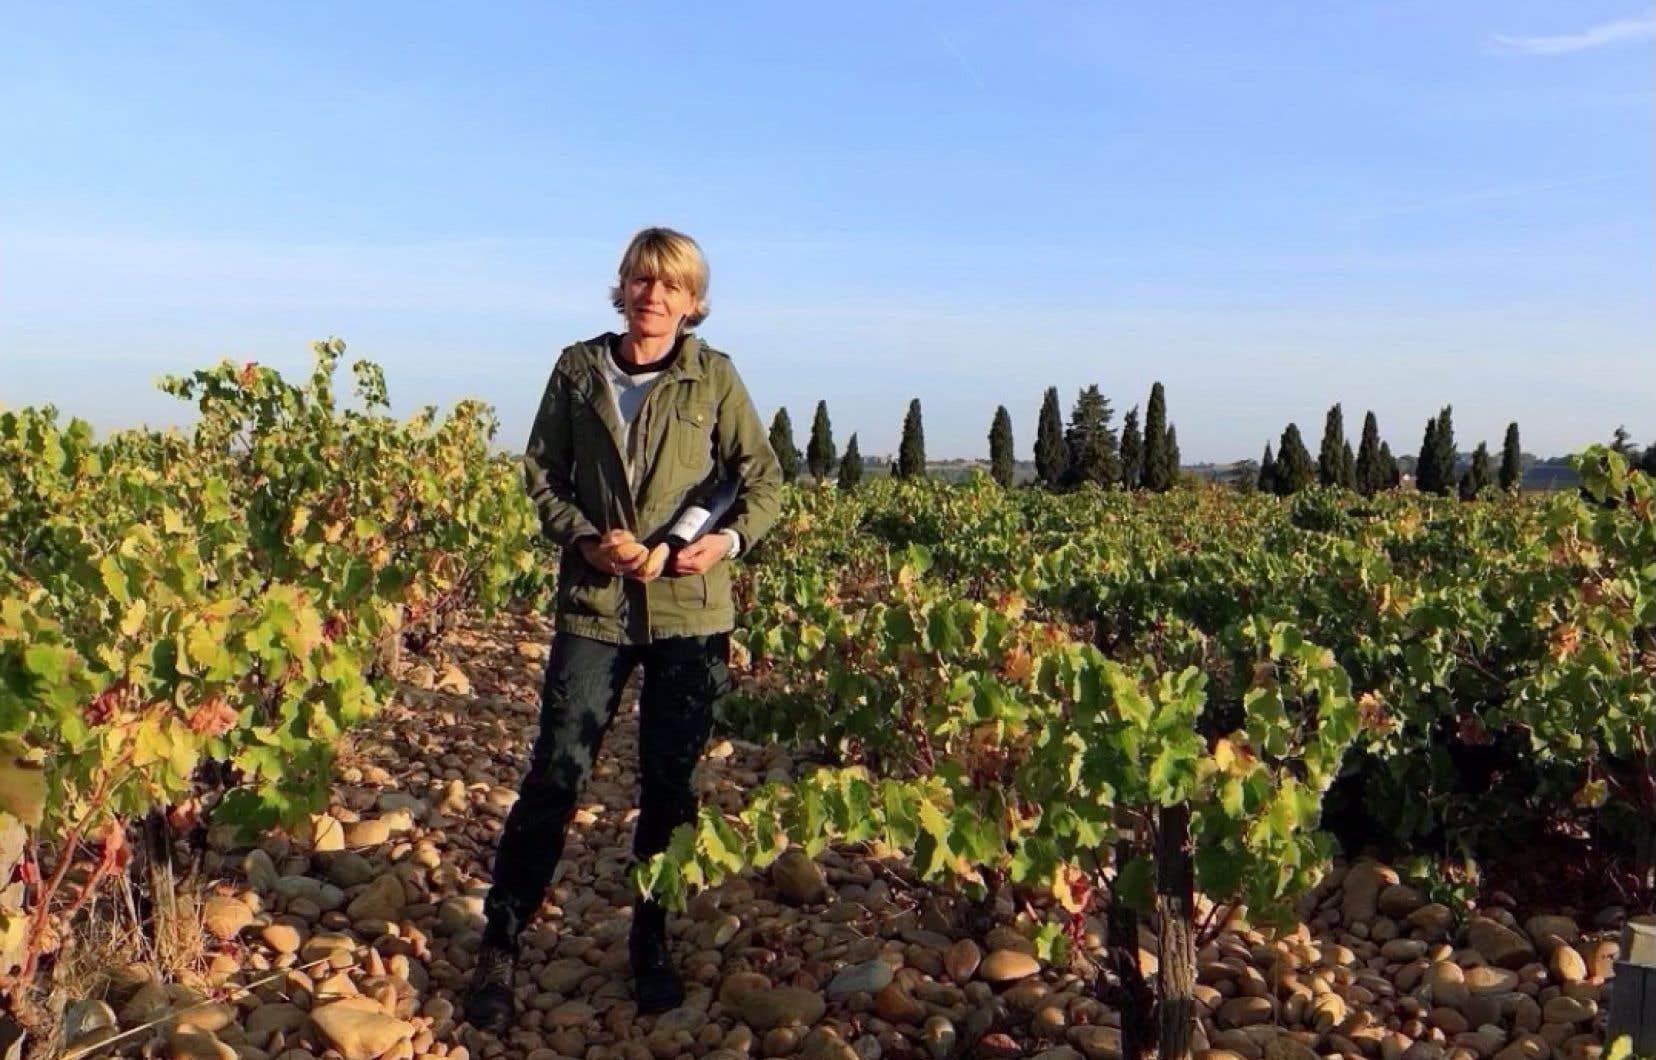 Pour Françoise Roumieux, des vignobles Mayard à Châteauneuf-du-Pape, le vin a été une évidence. Fille de vigneron, elle a repris le domaine familial en 1989 et le gère avec son frère et sa sœur.